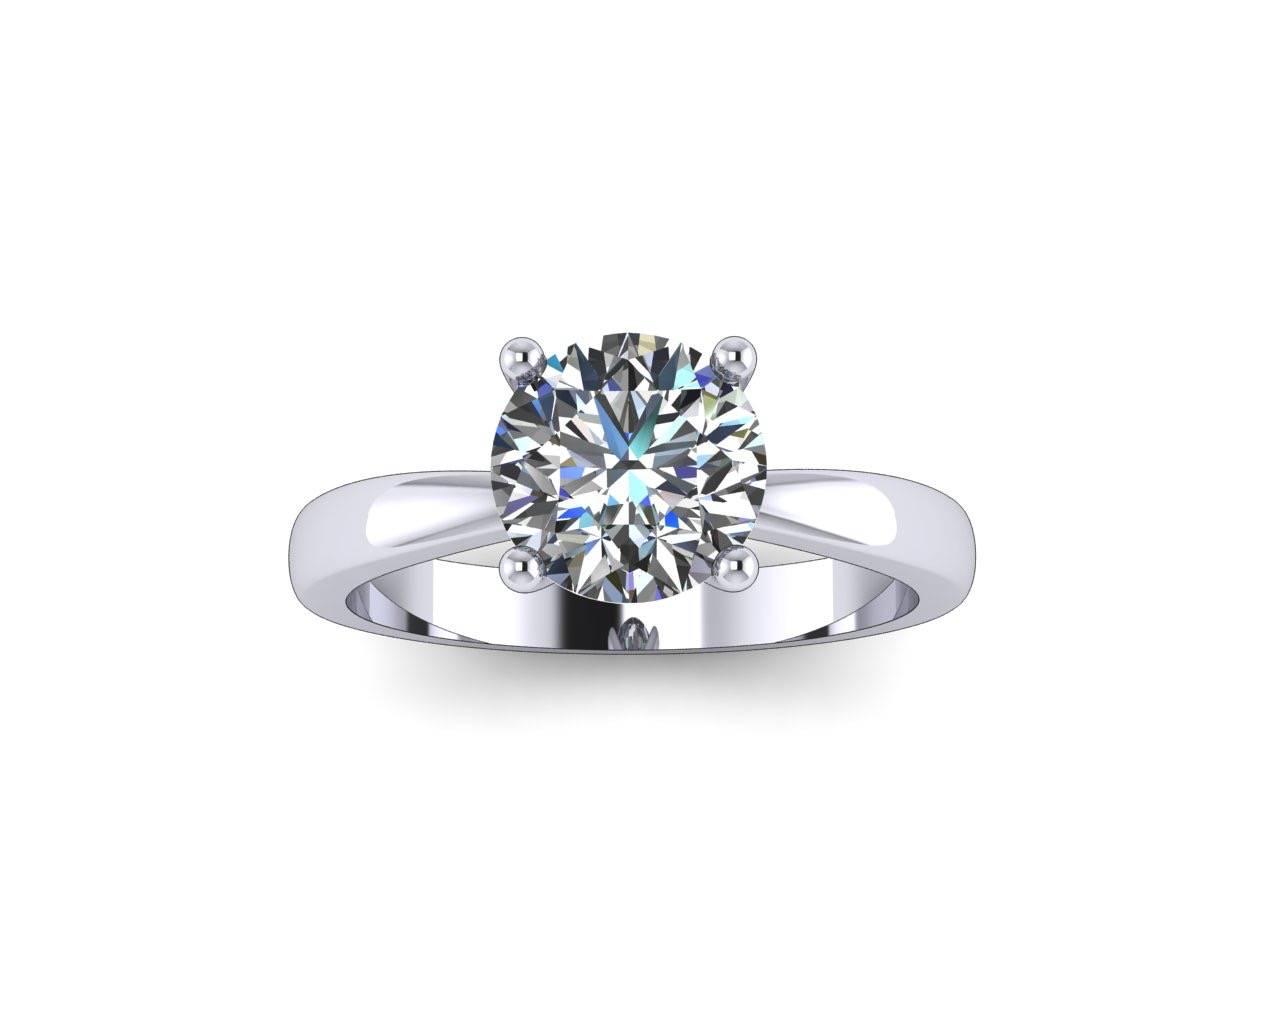 Aayraa jewels - Juwelen - House of Weddings - 13